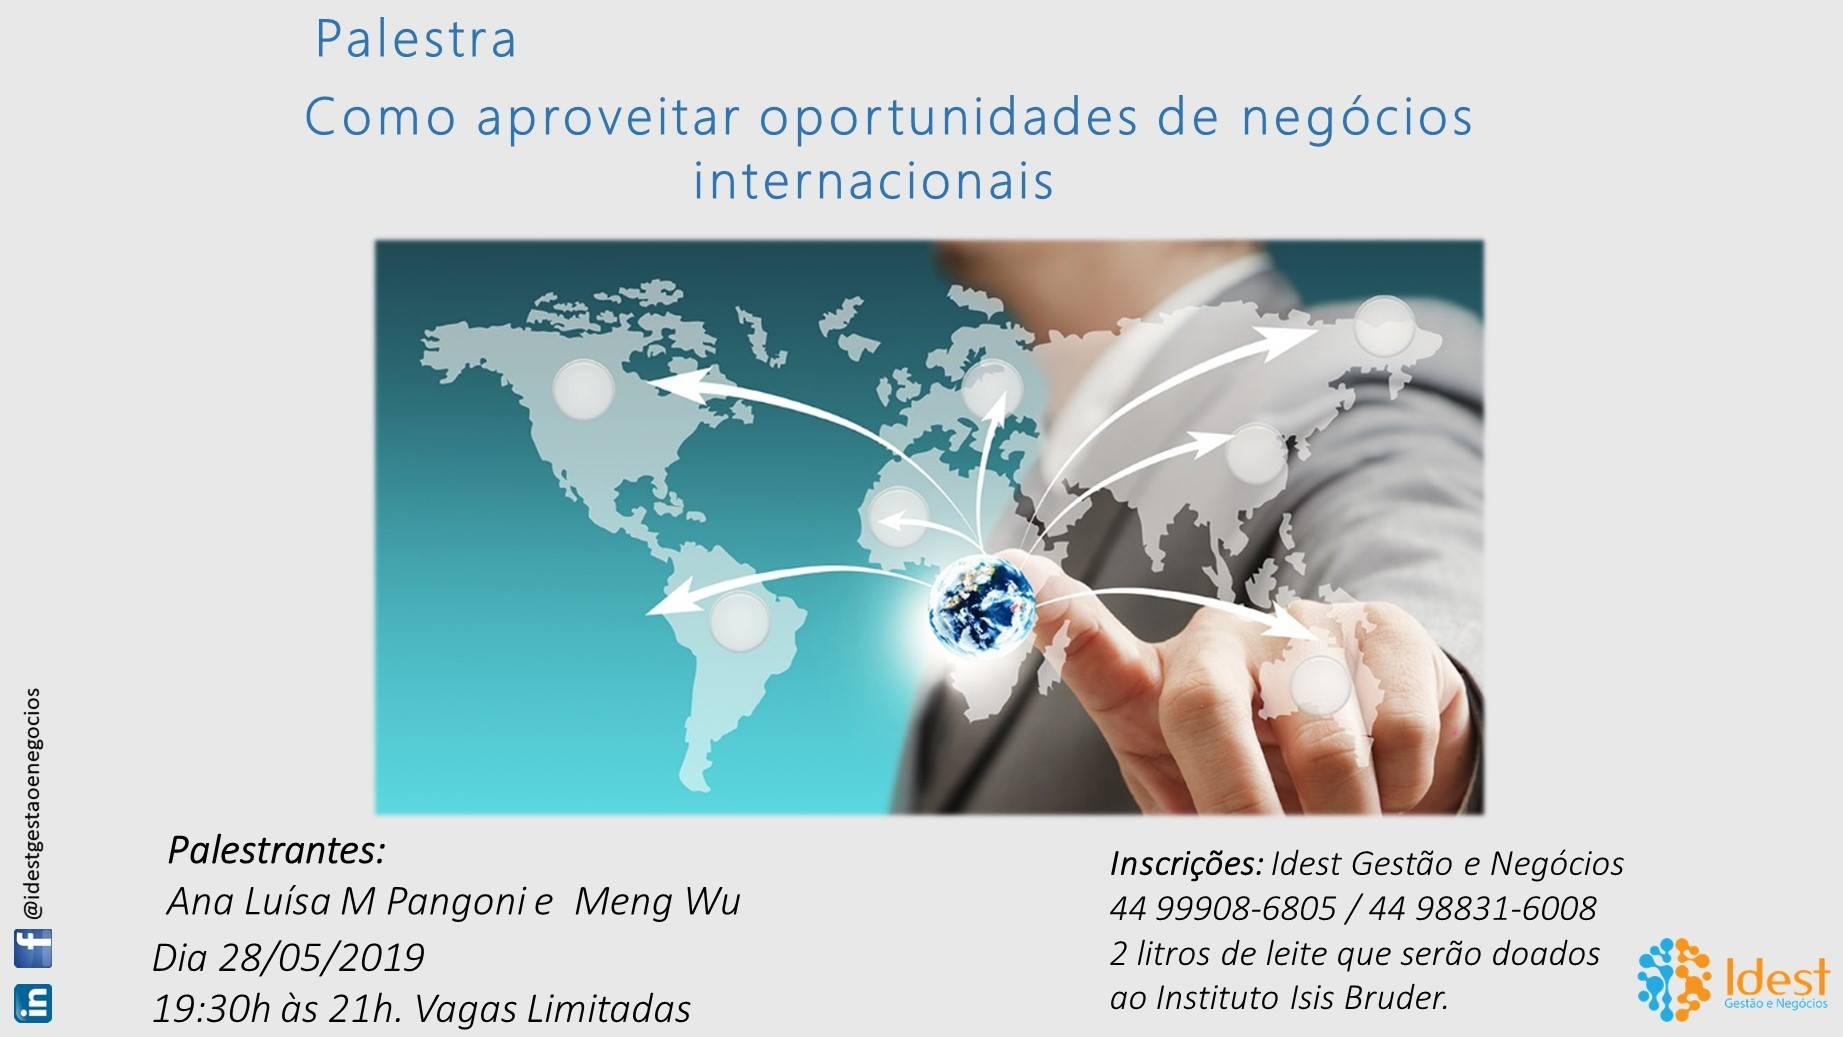 Palestra - Como aproveitar oportunidades de negócios internacionais